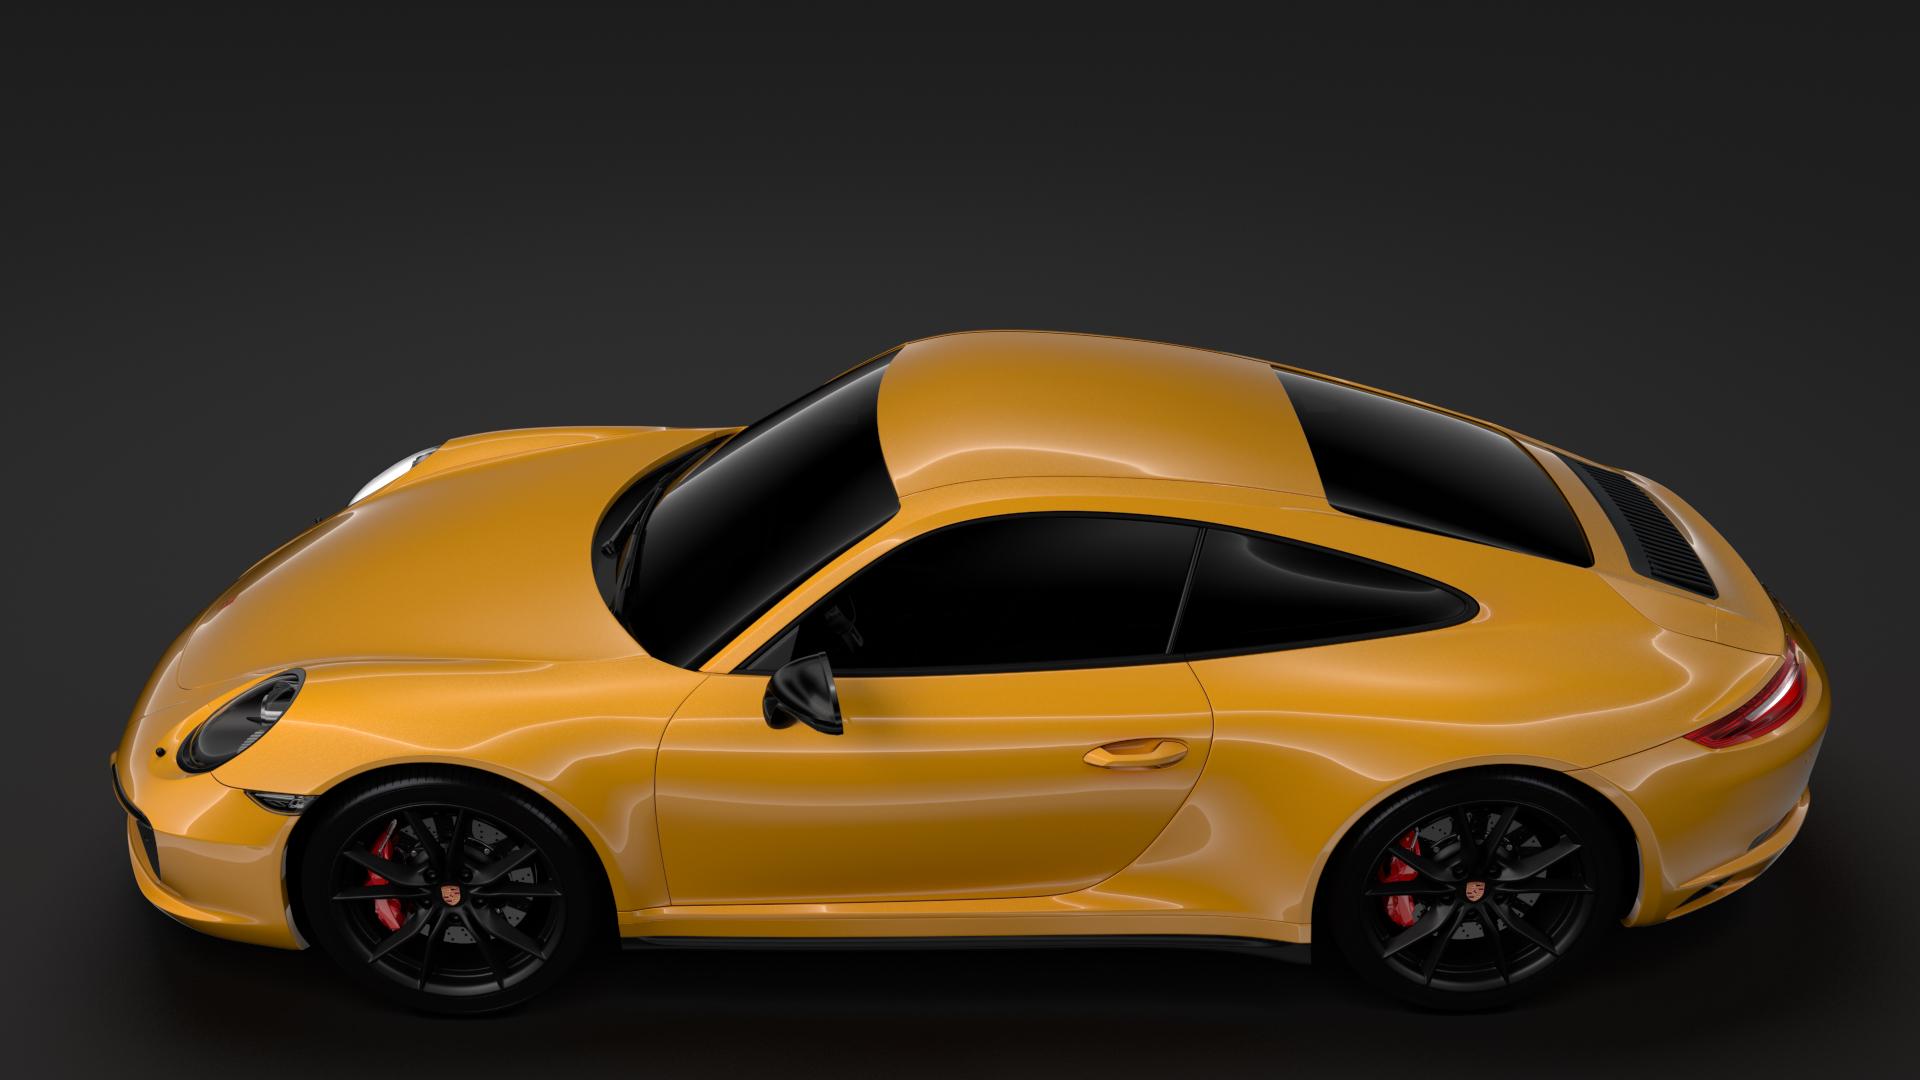 porsche 911 carrera t coupe (991) 2018 3d model max fbx c4d lwo ma mb hrc xsi obj 278966